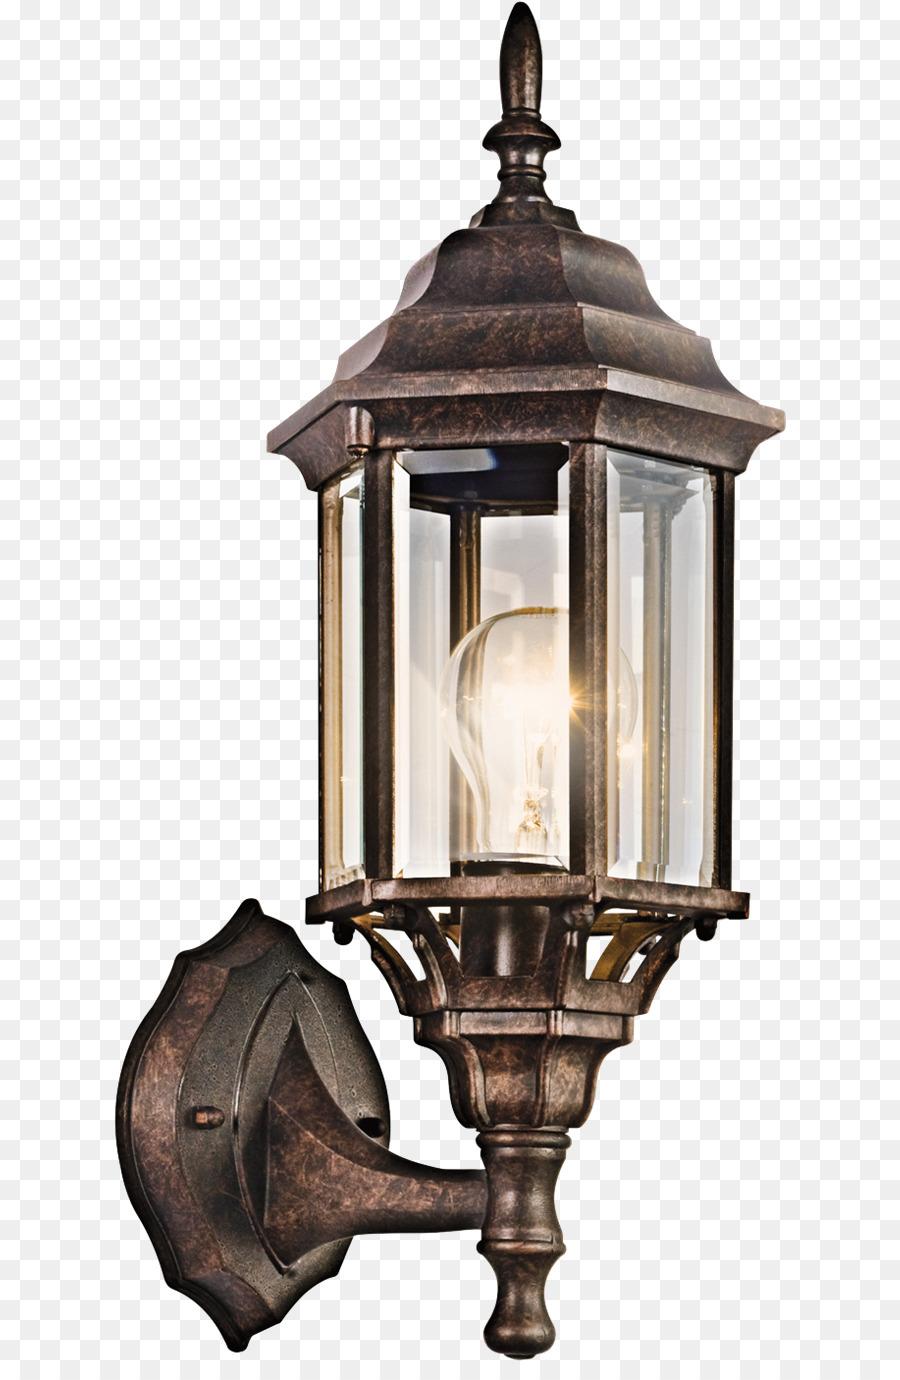 Descarga gratuita de Iluminación, Luminaria, Linterna Imágen de Png